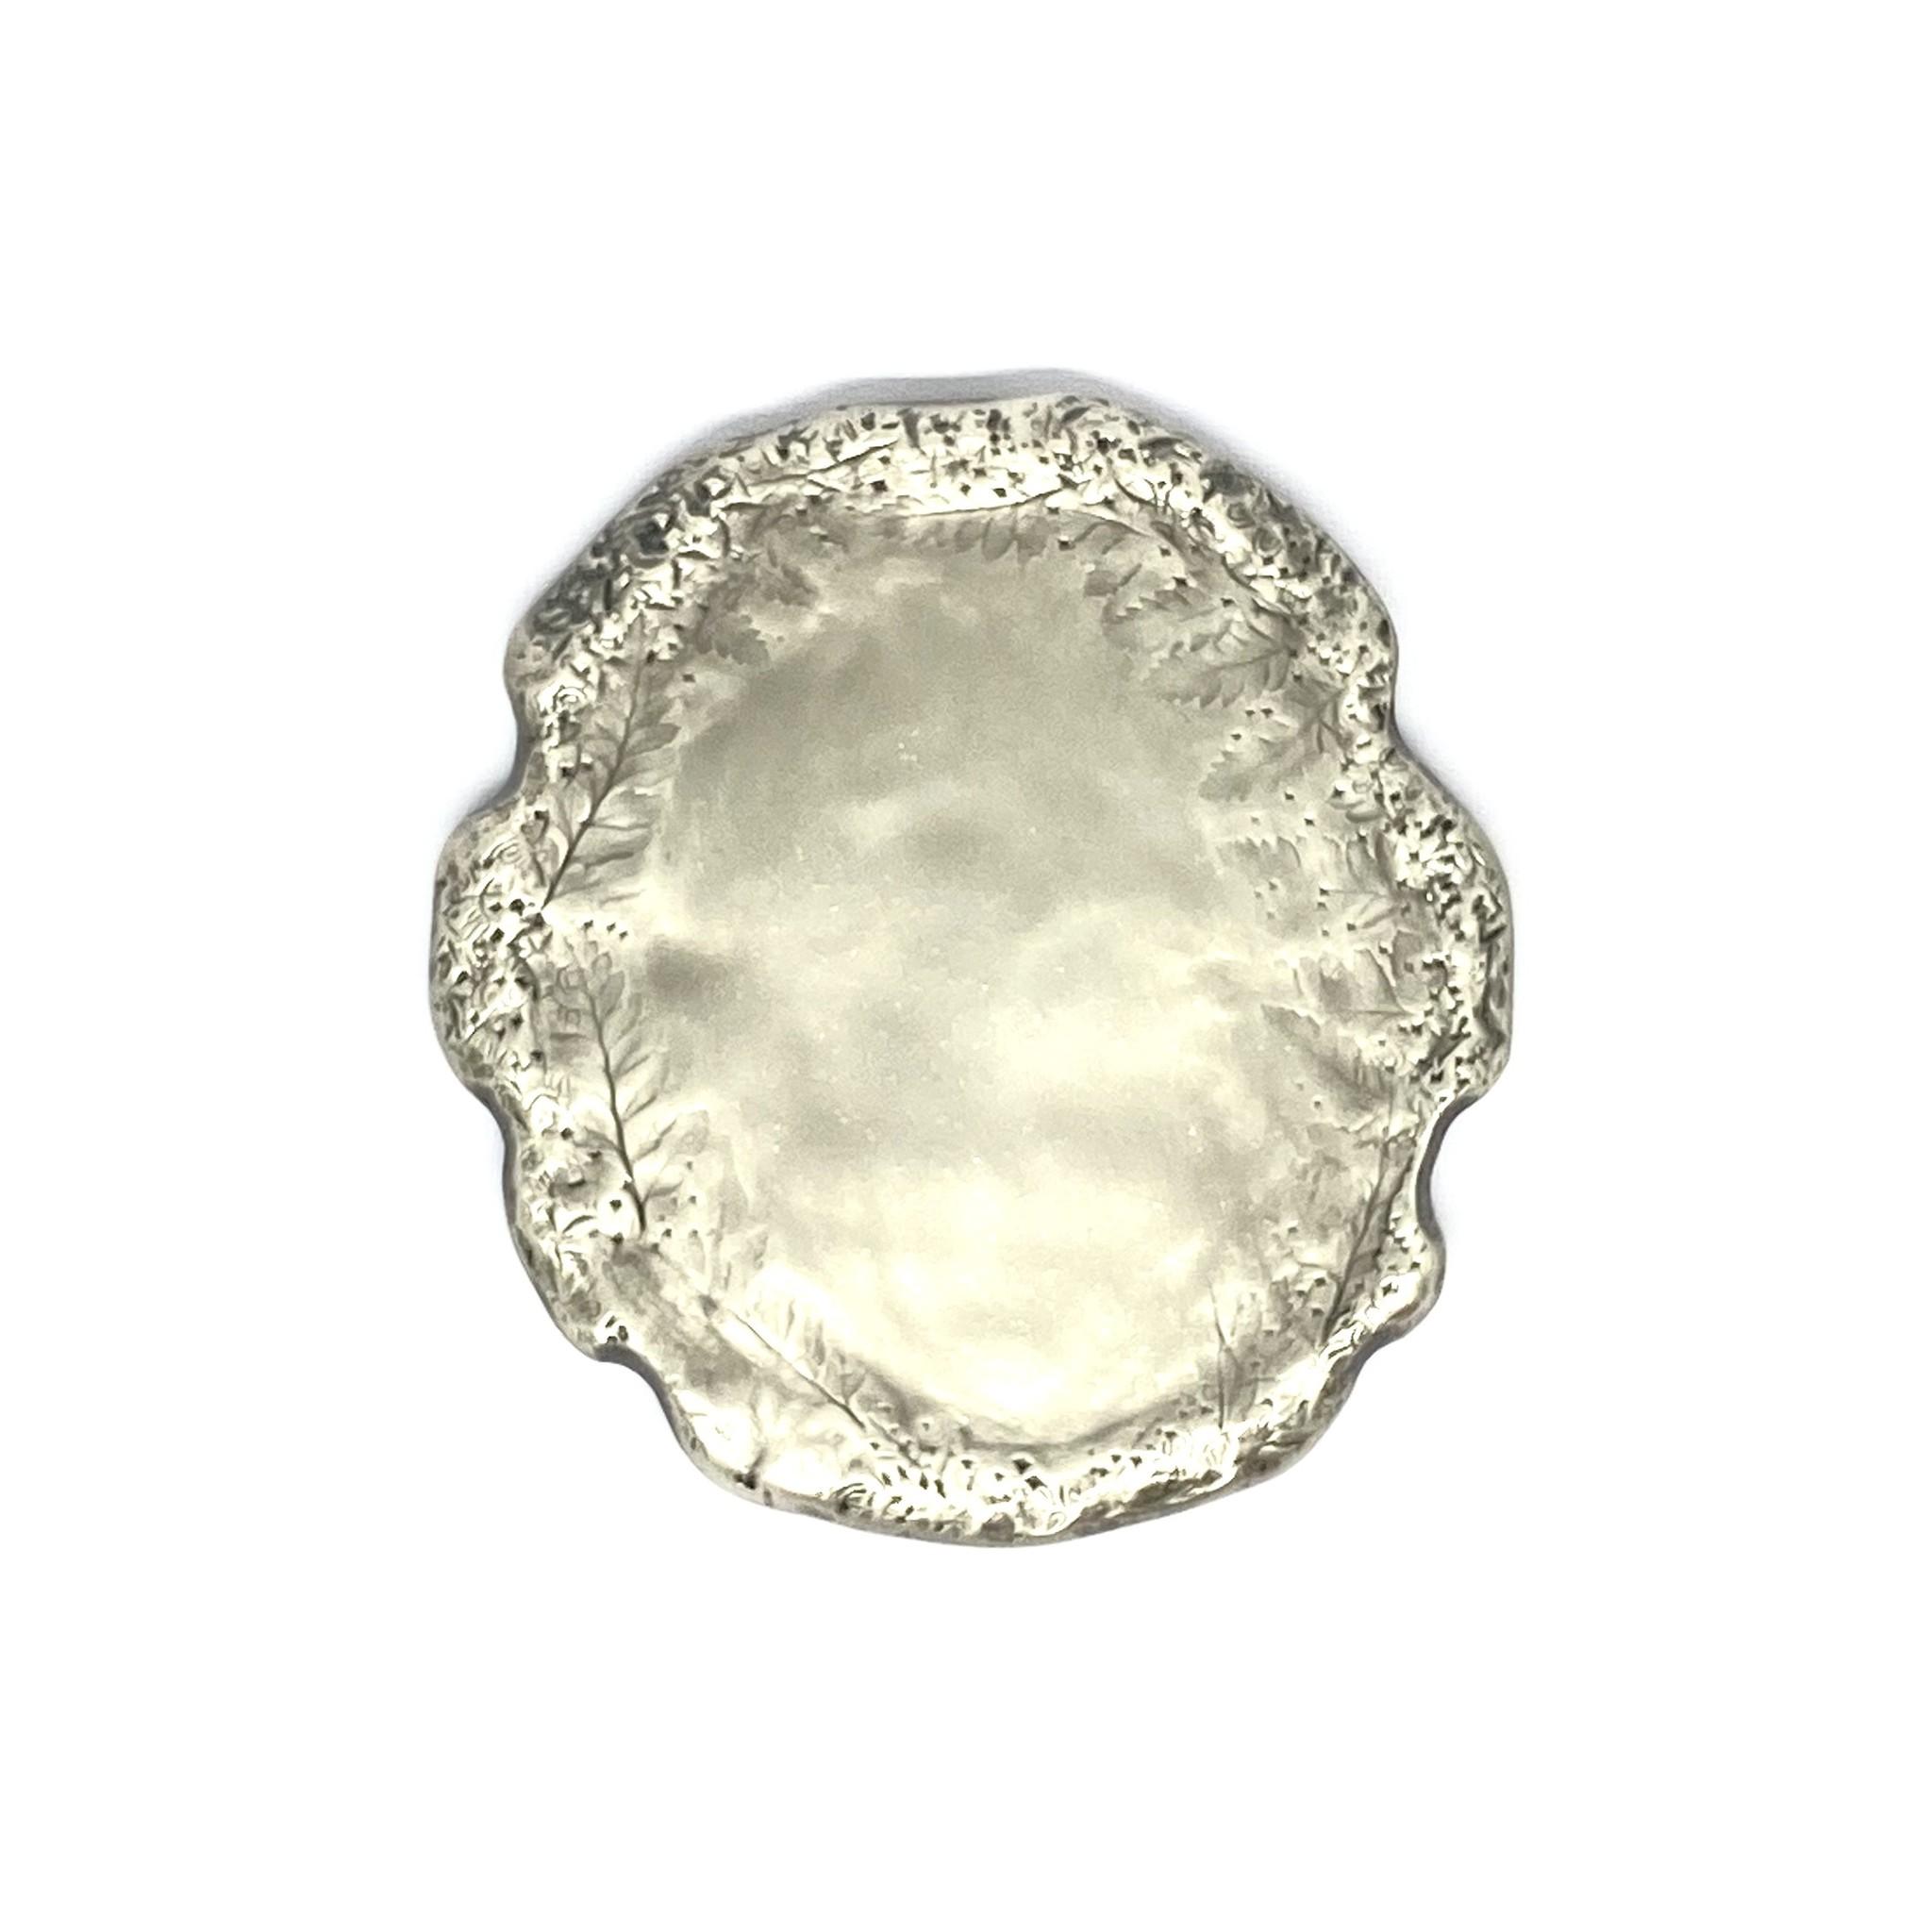 Birth medal